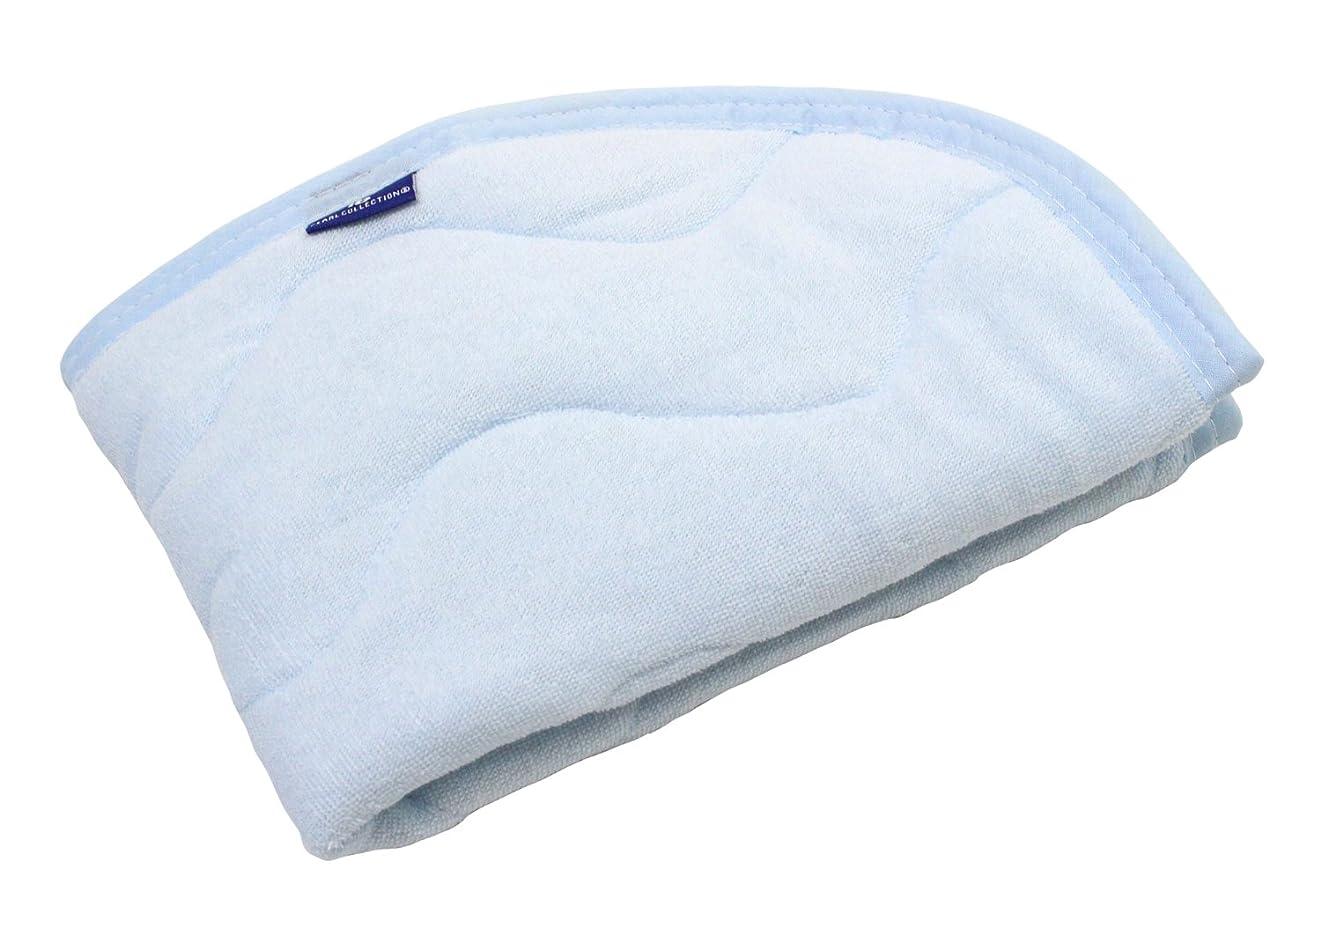 呼ぶ記念日迷路抗菌防臭 SEK加工 綿シンカーパイル 枕パッド 35×50cm ブルー 2453BL